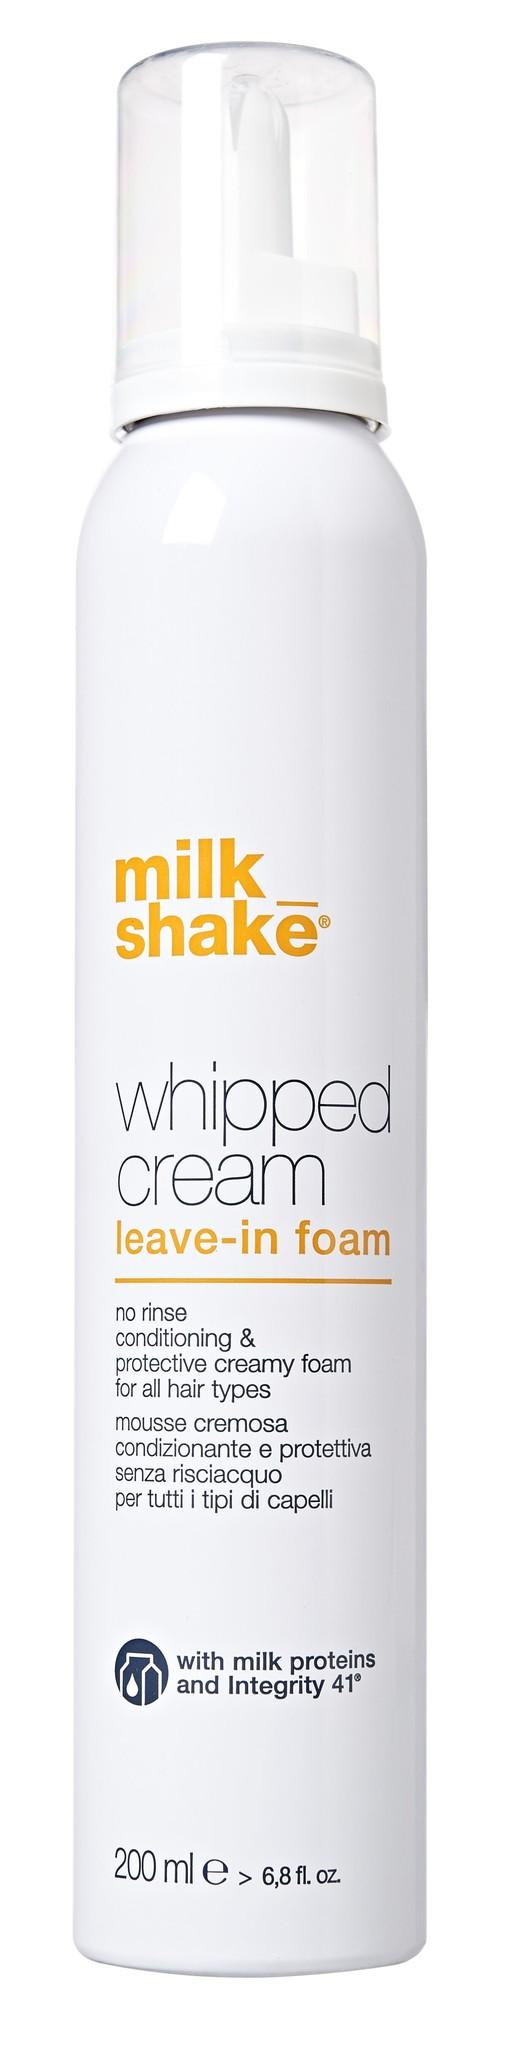 MILKSHAKE MILKSHAKE WHIPPED CREAM 6.8OZ